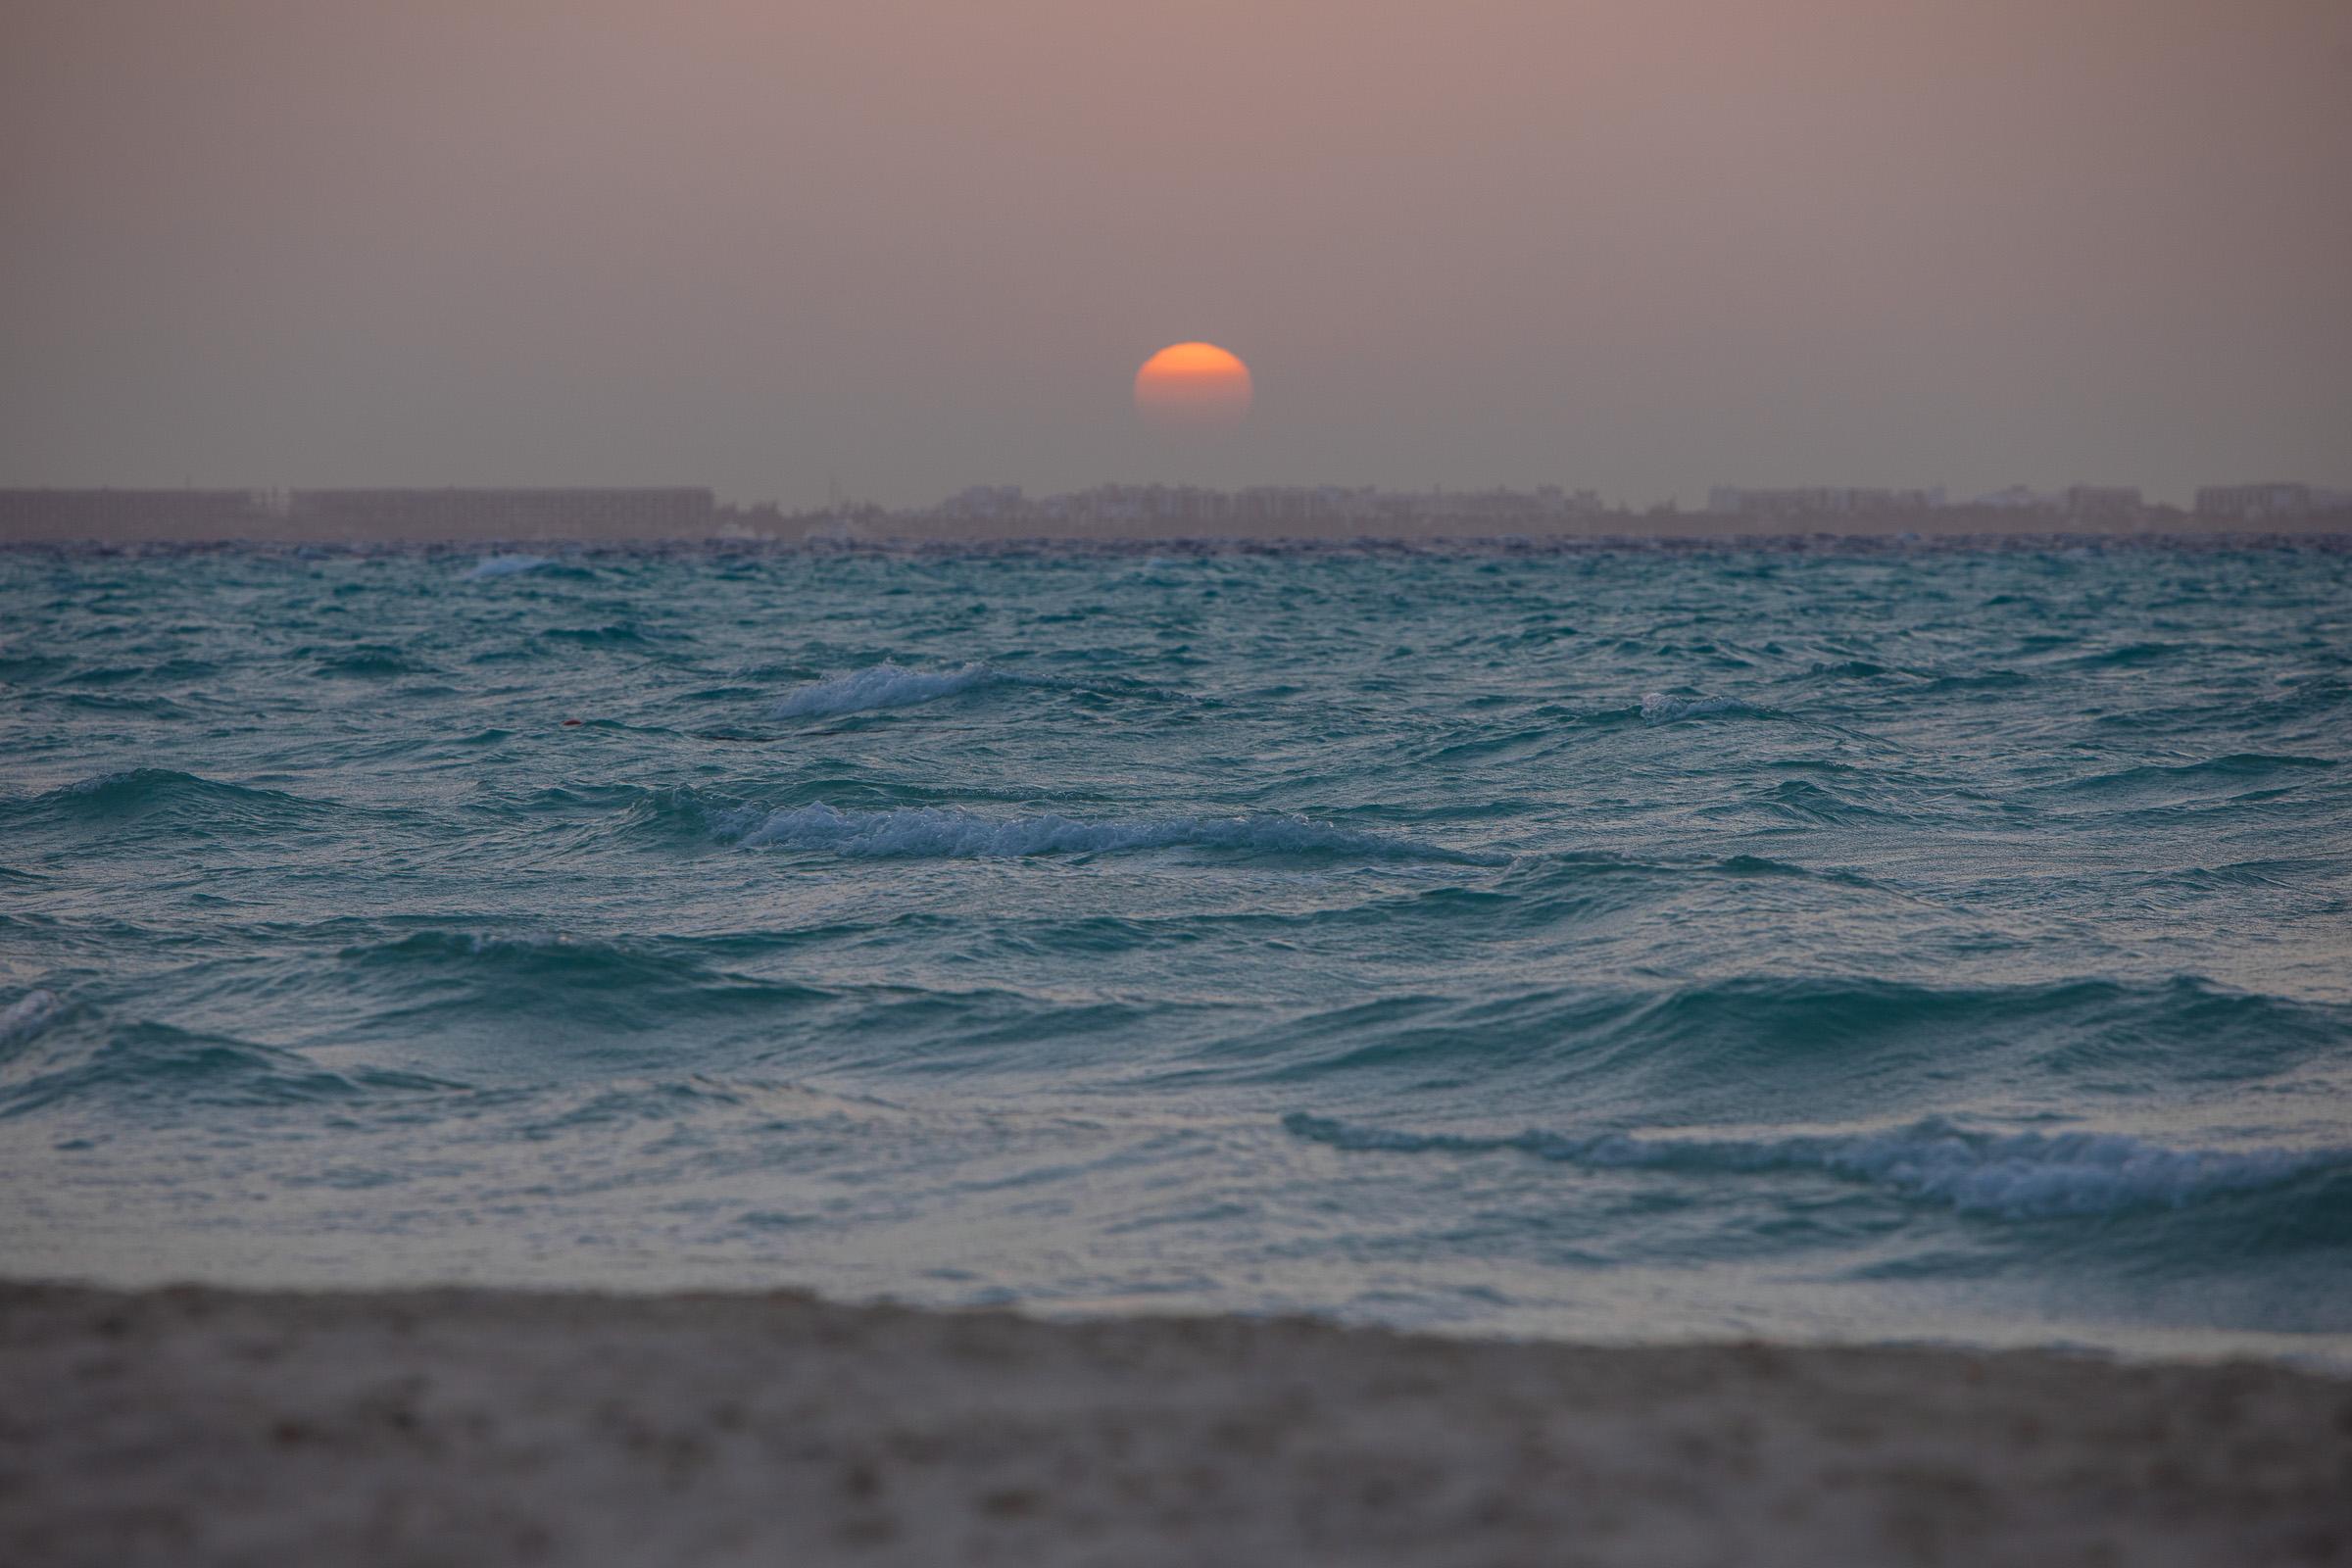 Sonnenuntergang über dem karibischen Meer